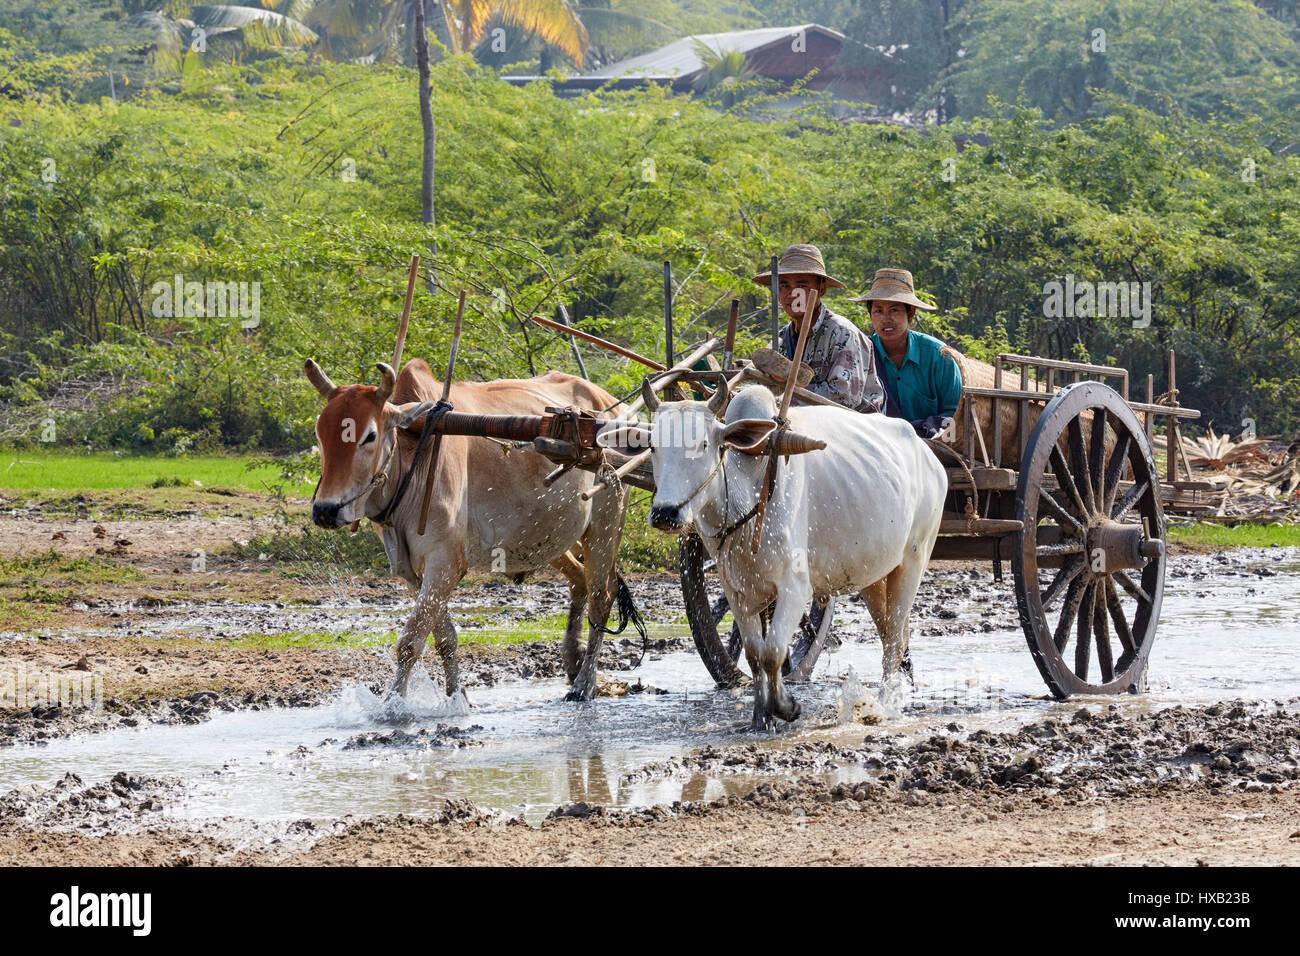 Einheimischen auf Ochsenkarren in Shwebo, Myanmar, Asien Stockbild